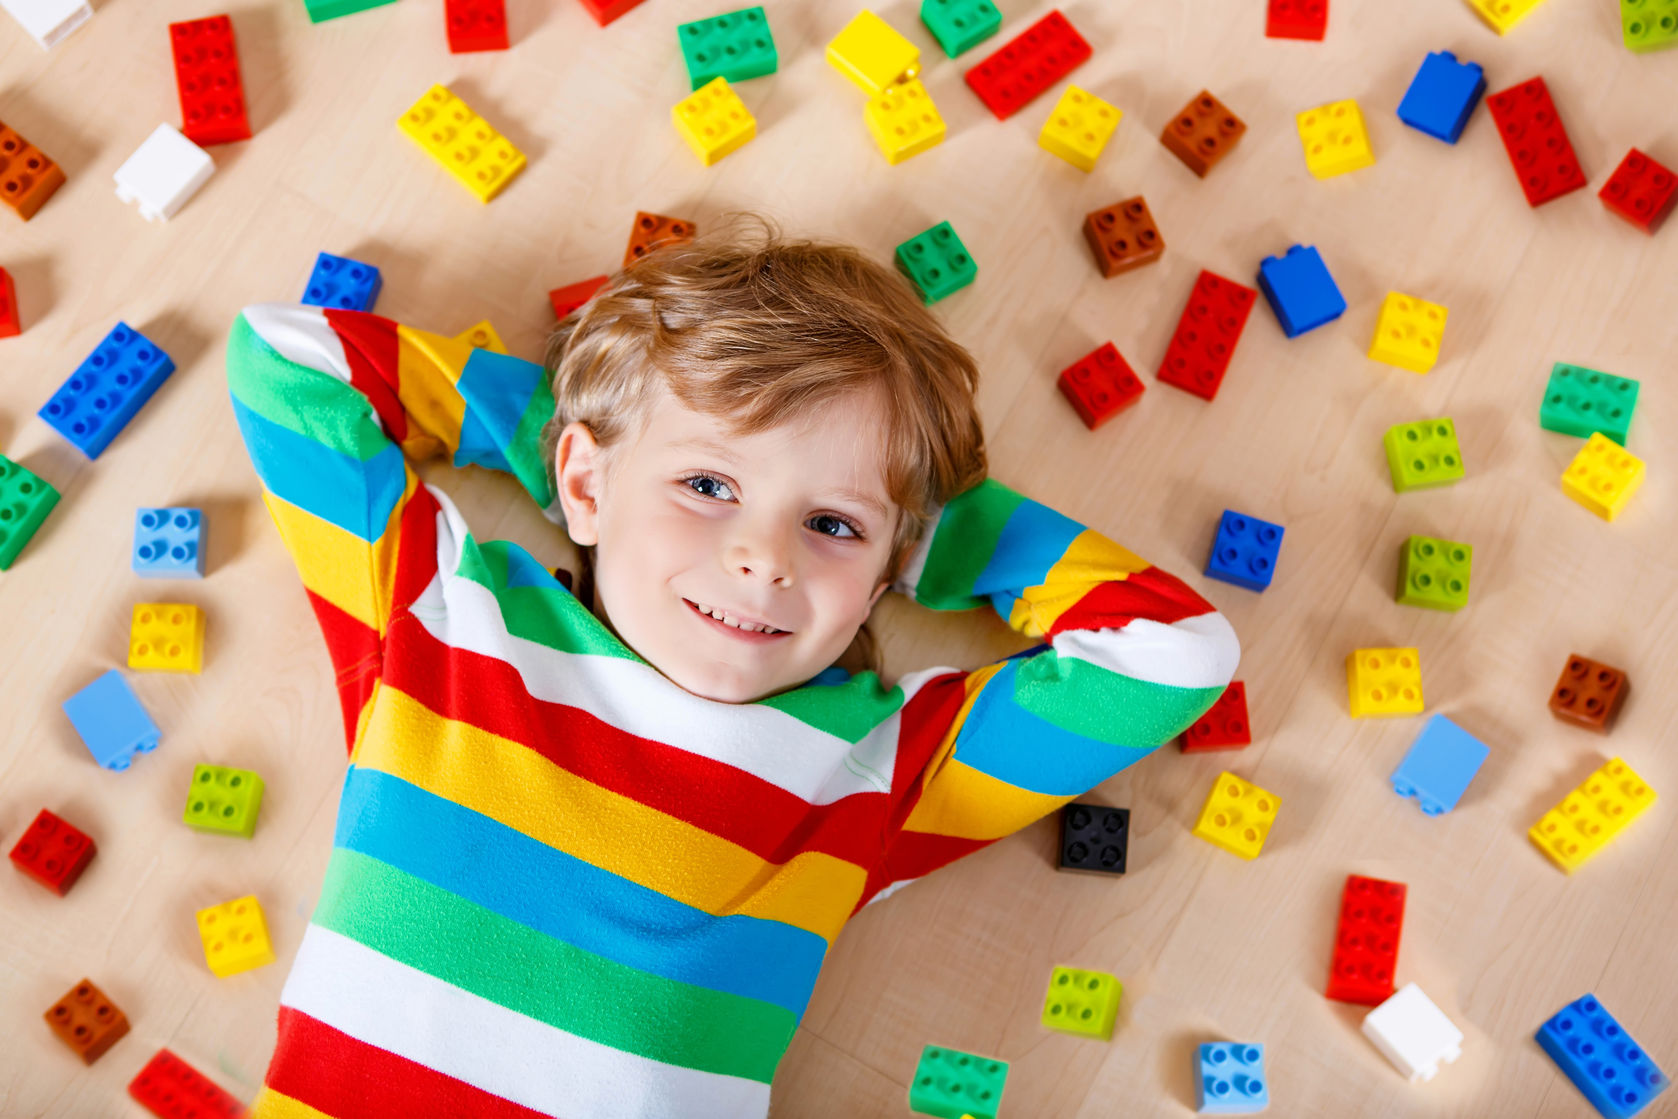 Dit leren kinderen van het spelen met lego